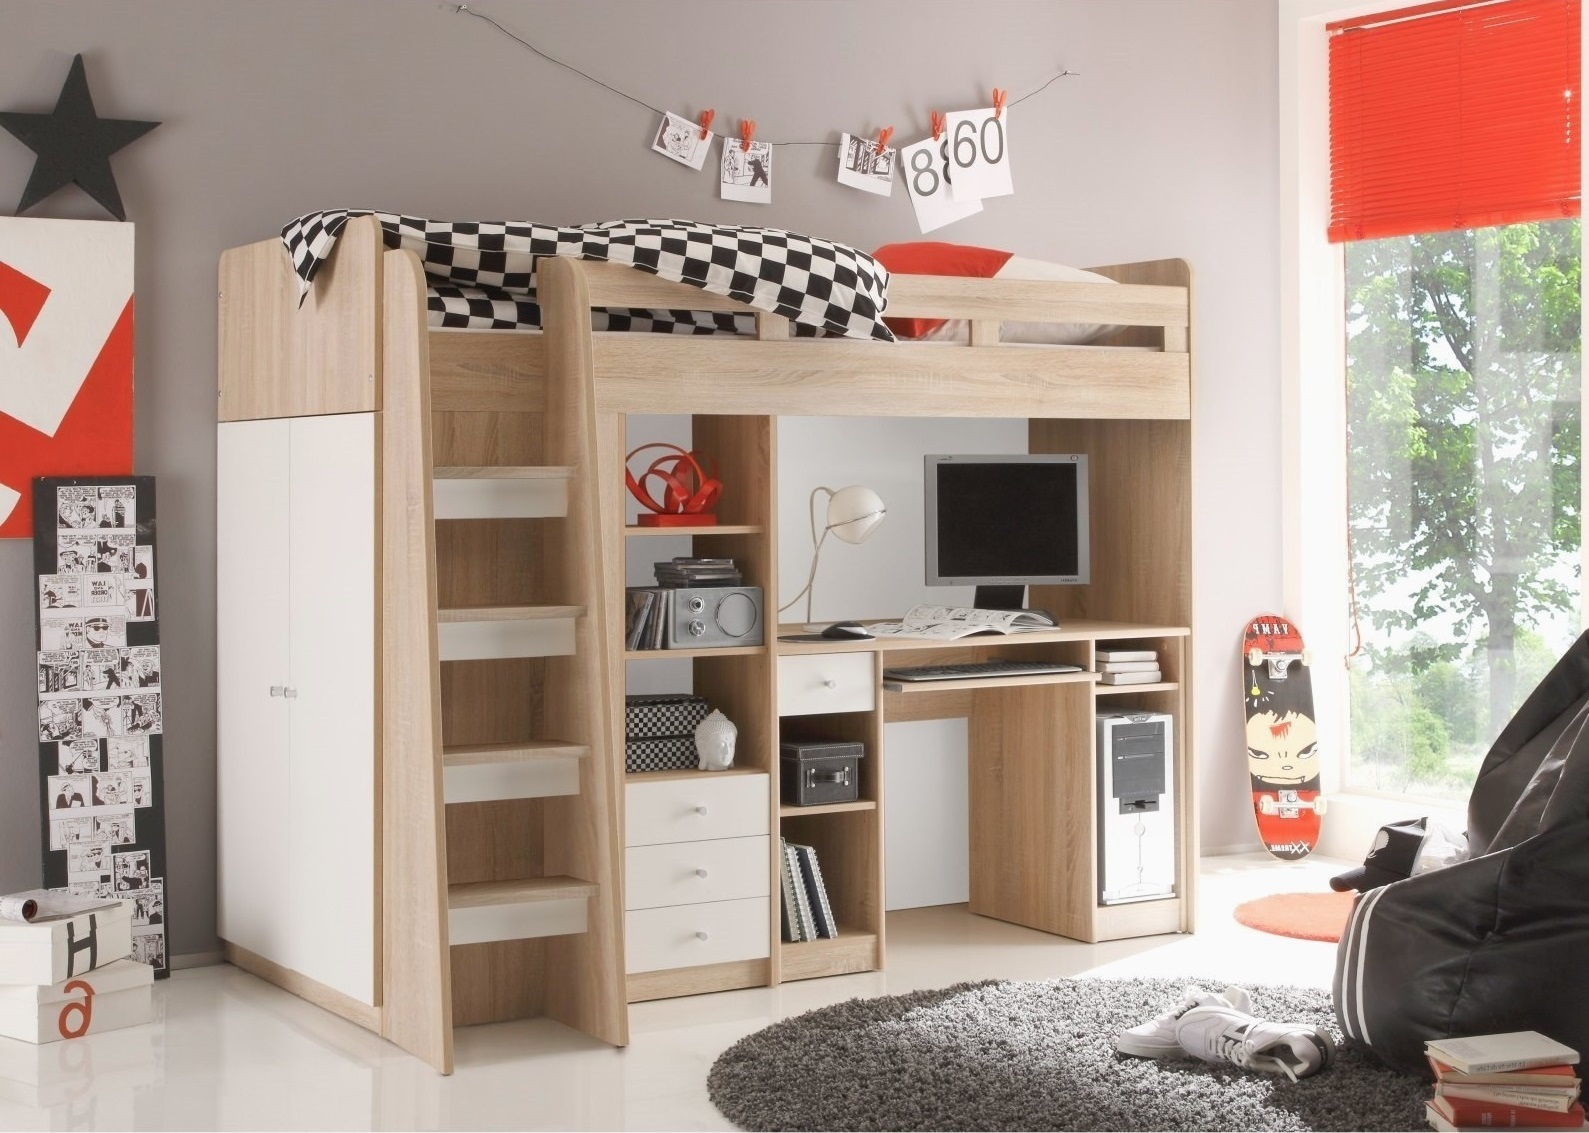 JUNIT detská posteľ so stolíkom, dub sonoma/biela